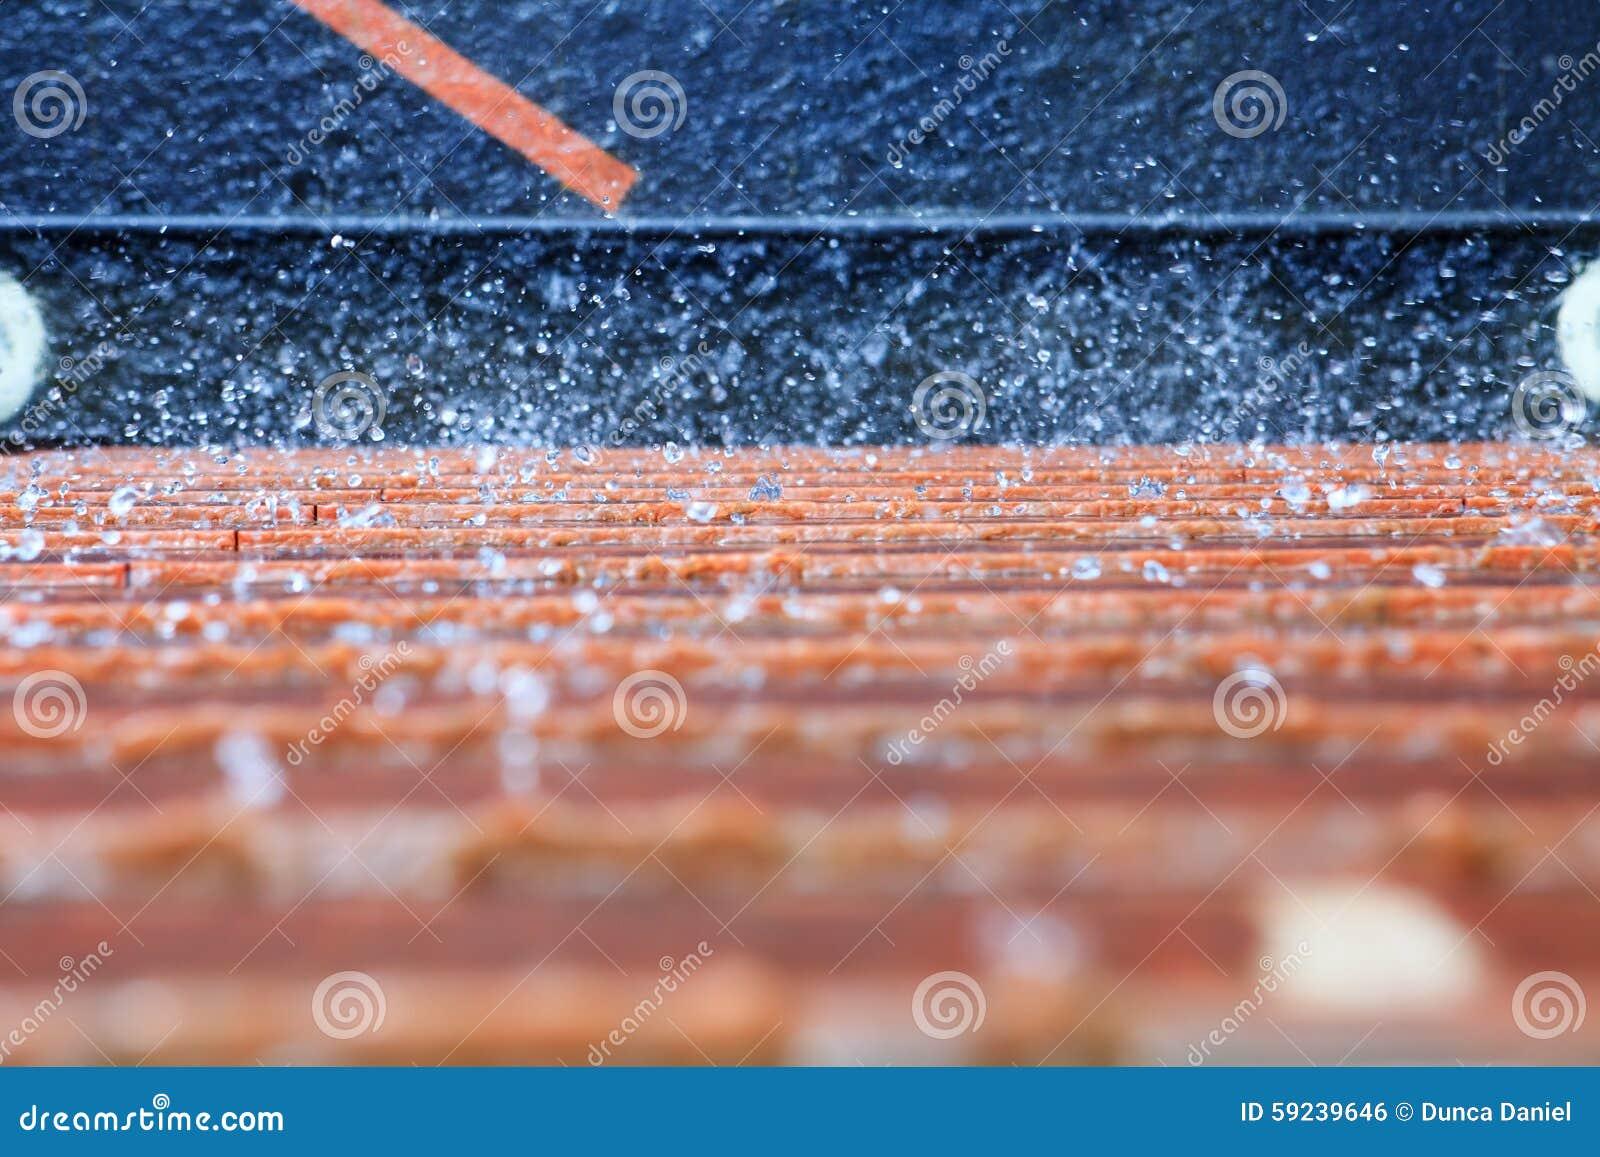 Fondo abstracto del agua que salpica en la pared